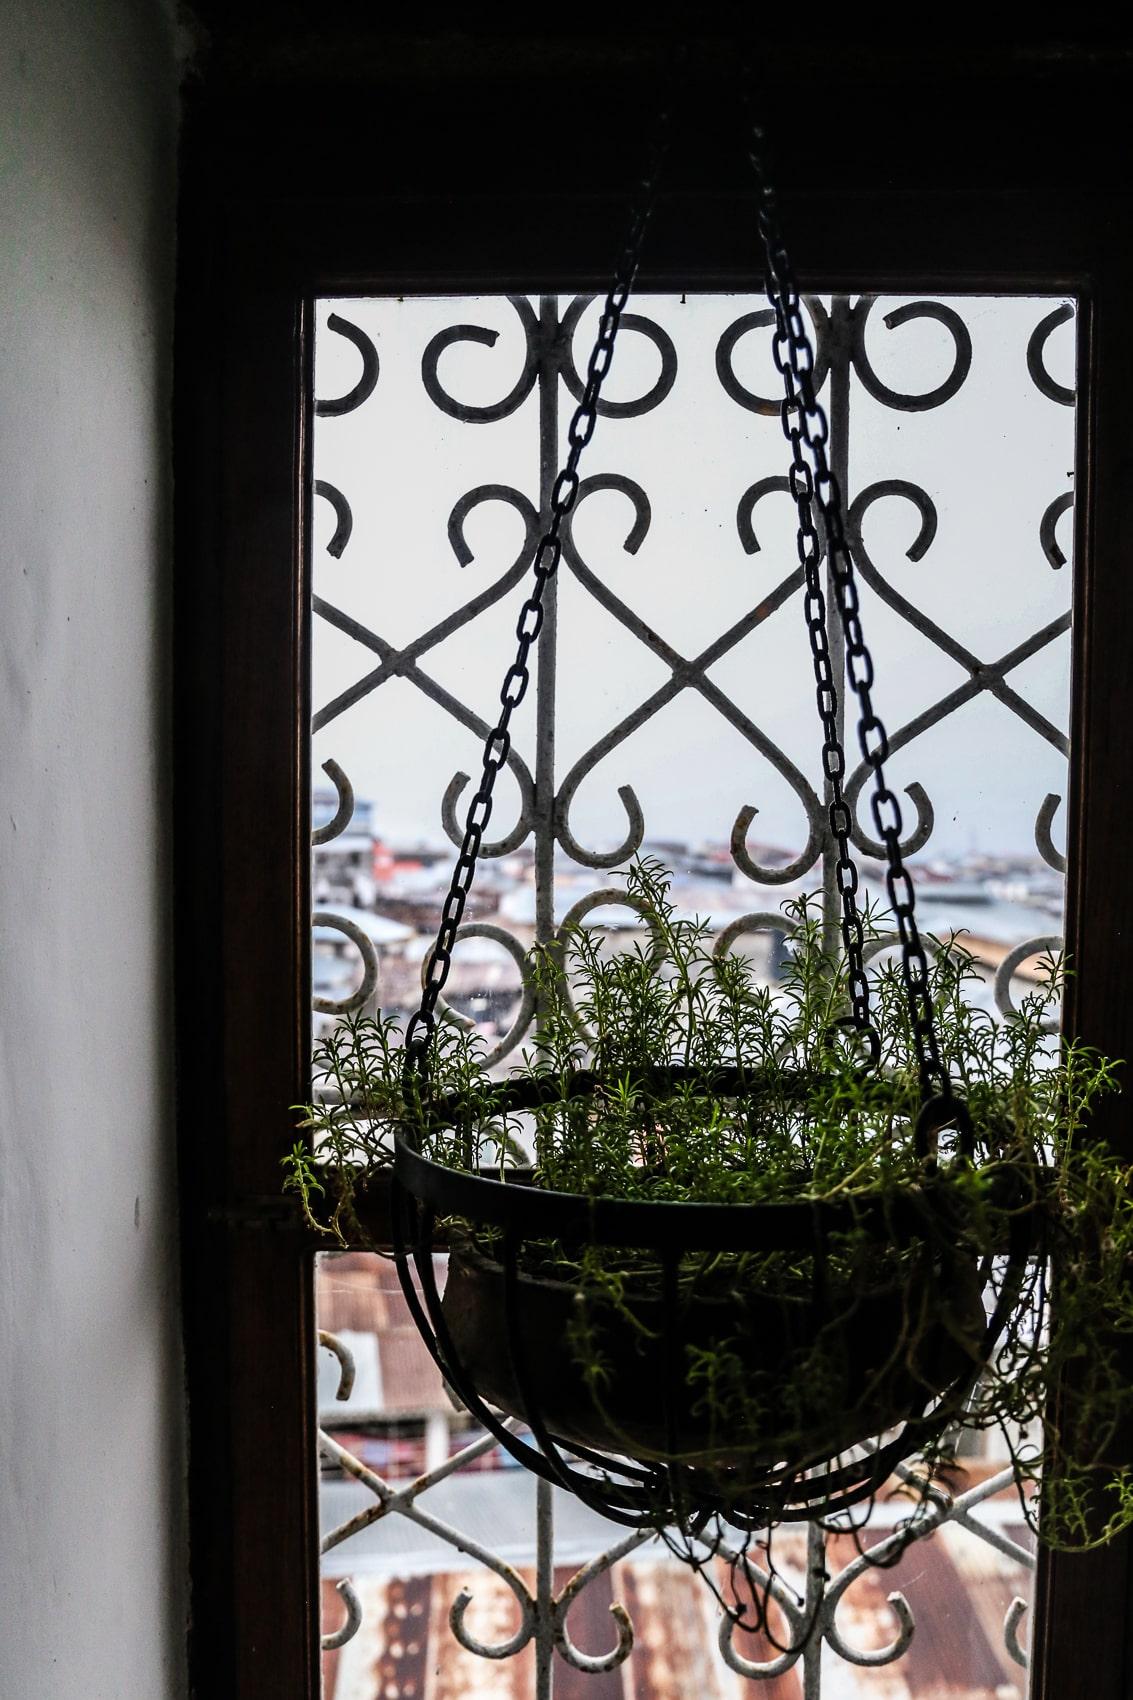 fünf-dinge-die-dich-auf-der-trauminsel-sansibar-überraschen-werden-hauptstadt-stone-town-reiseblog-des-belles-choses 8